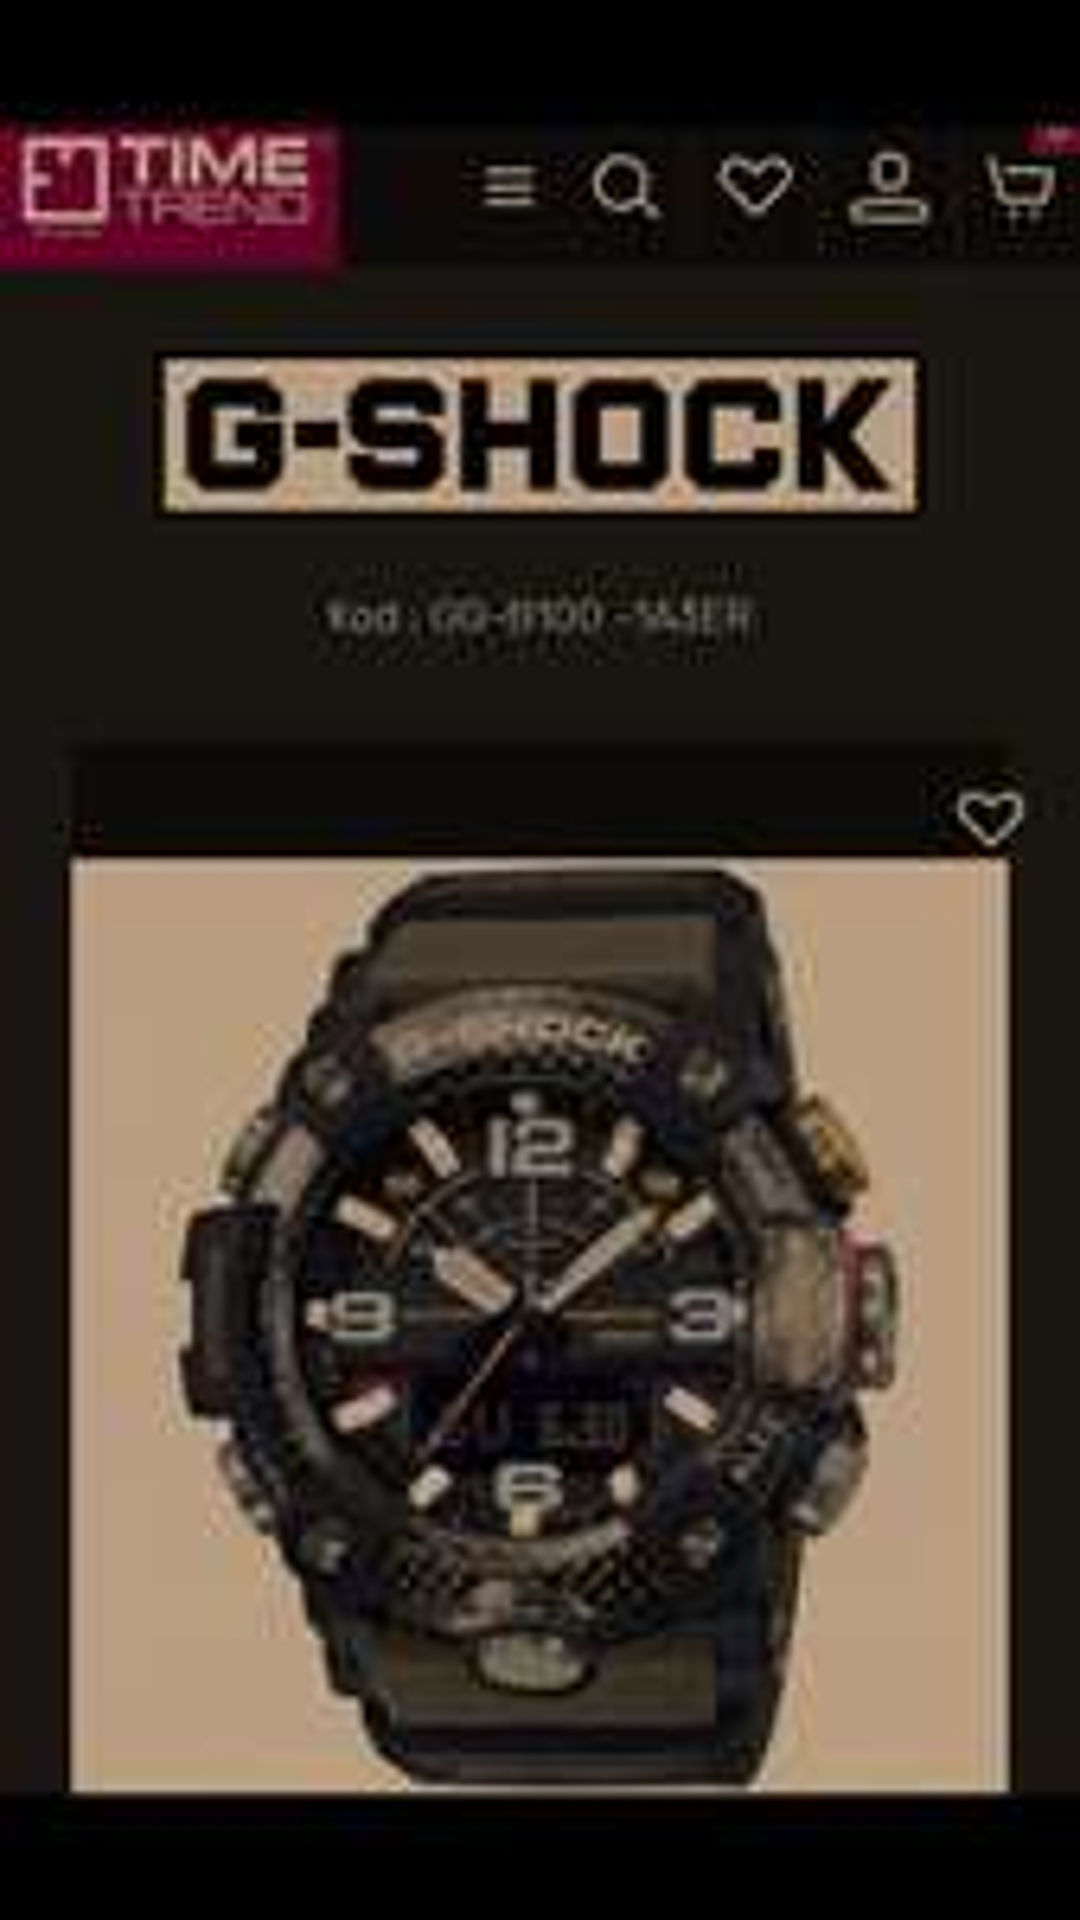 Zegarek Casio G-Shock Mudmaster GG-B100-1A3ER